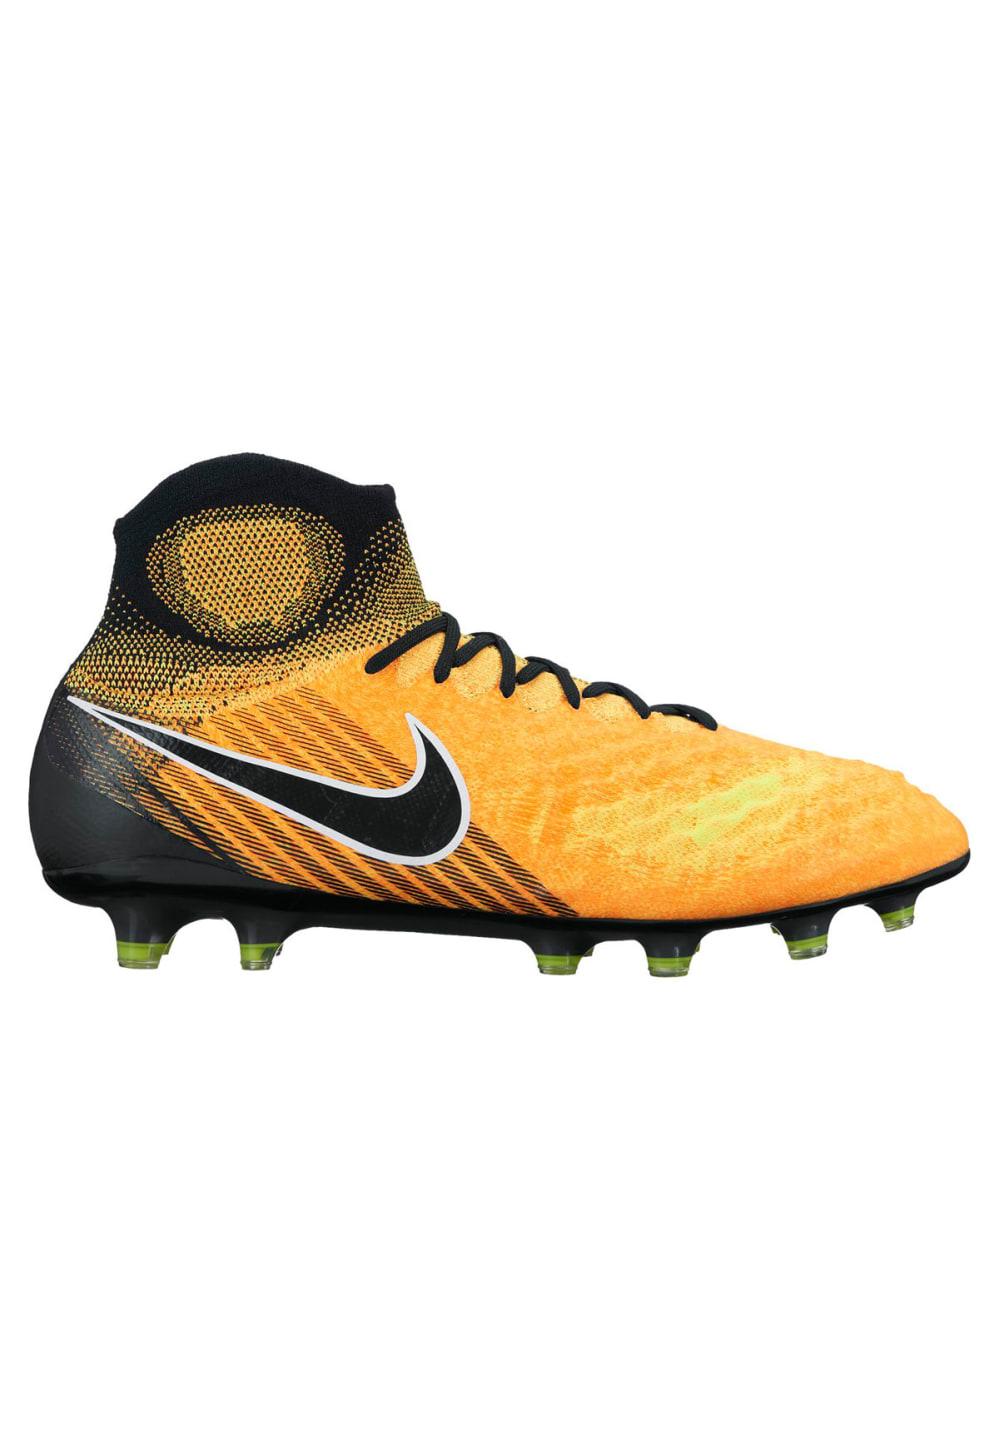 magasin en ligne a2a77 85bea Nike MagistaX Onda II IC - Chaussures de foot pour Homme - Orange